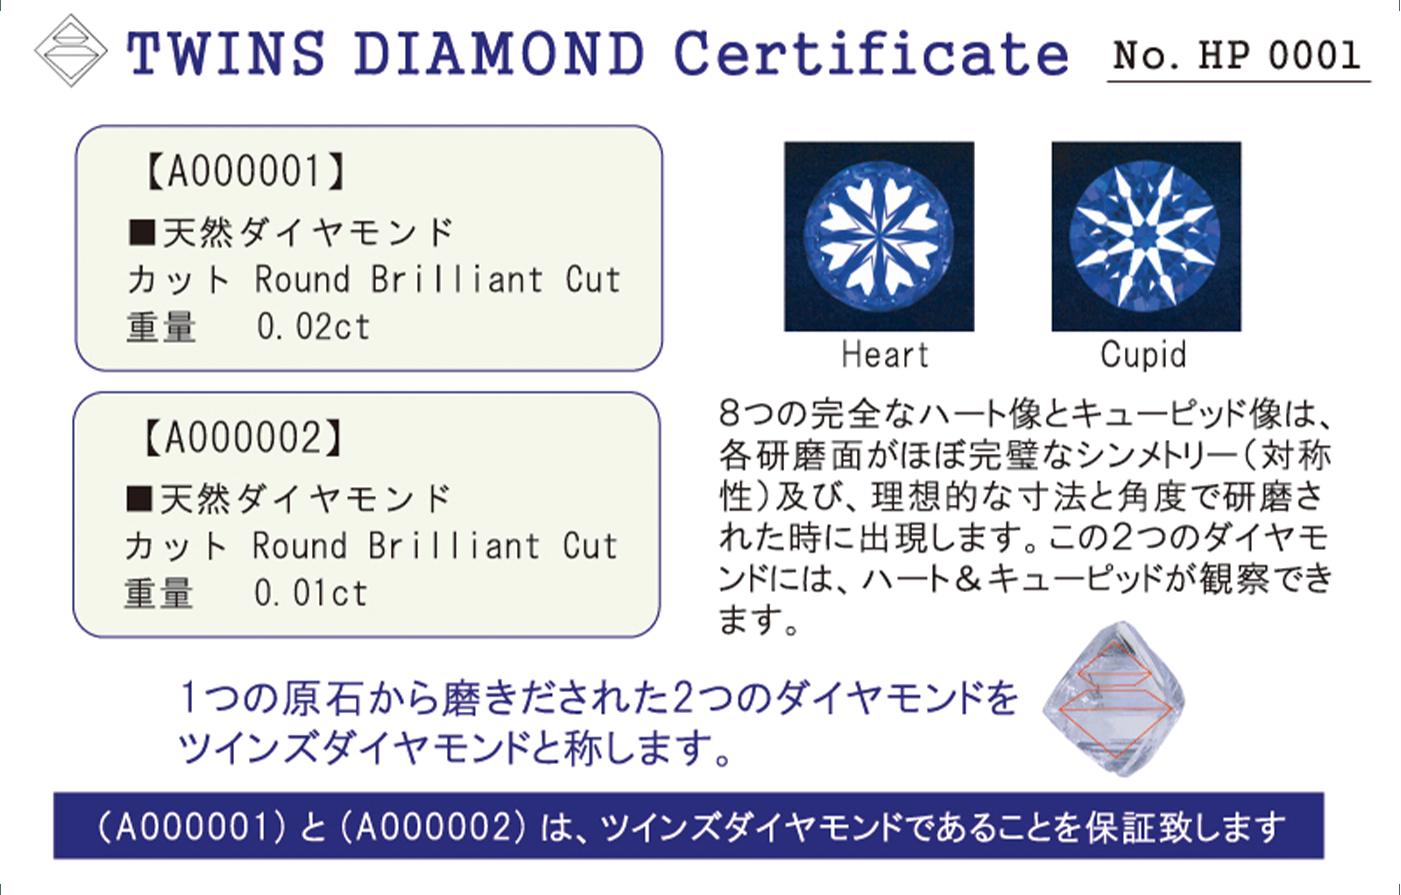 ツインズダイヤモンド保証カード